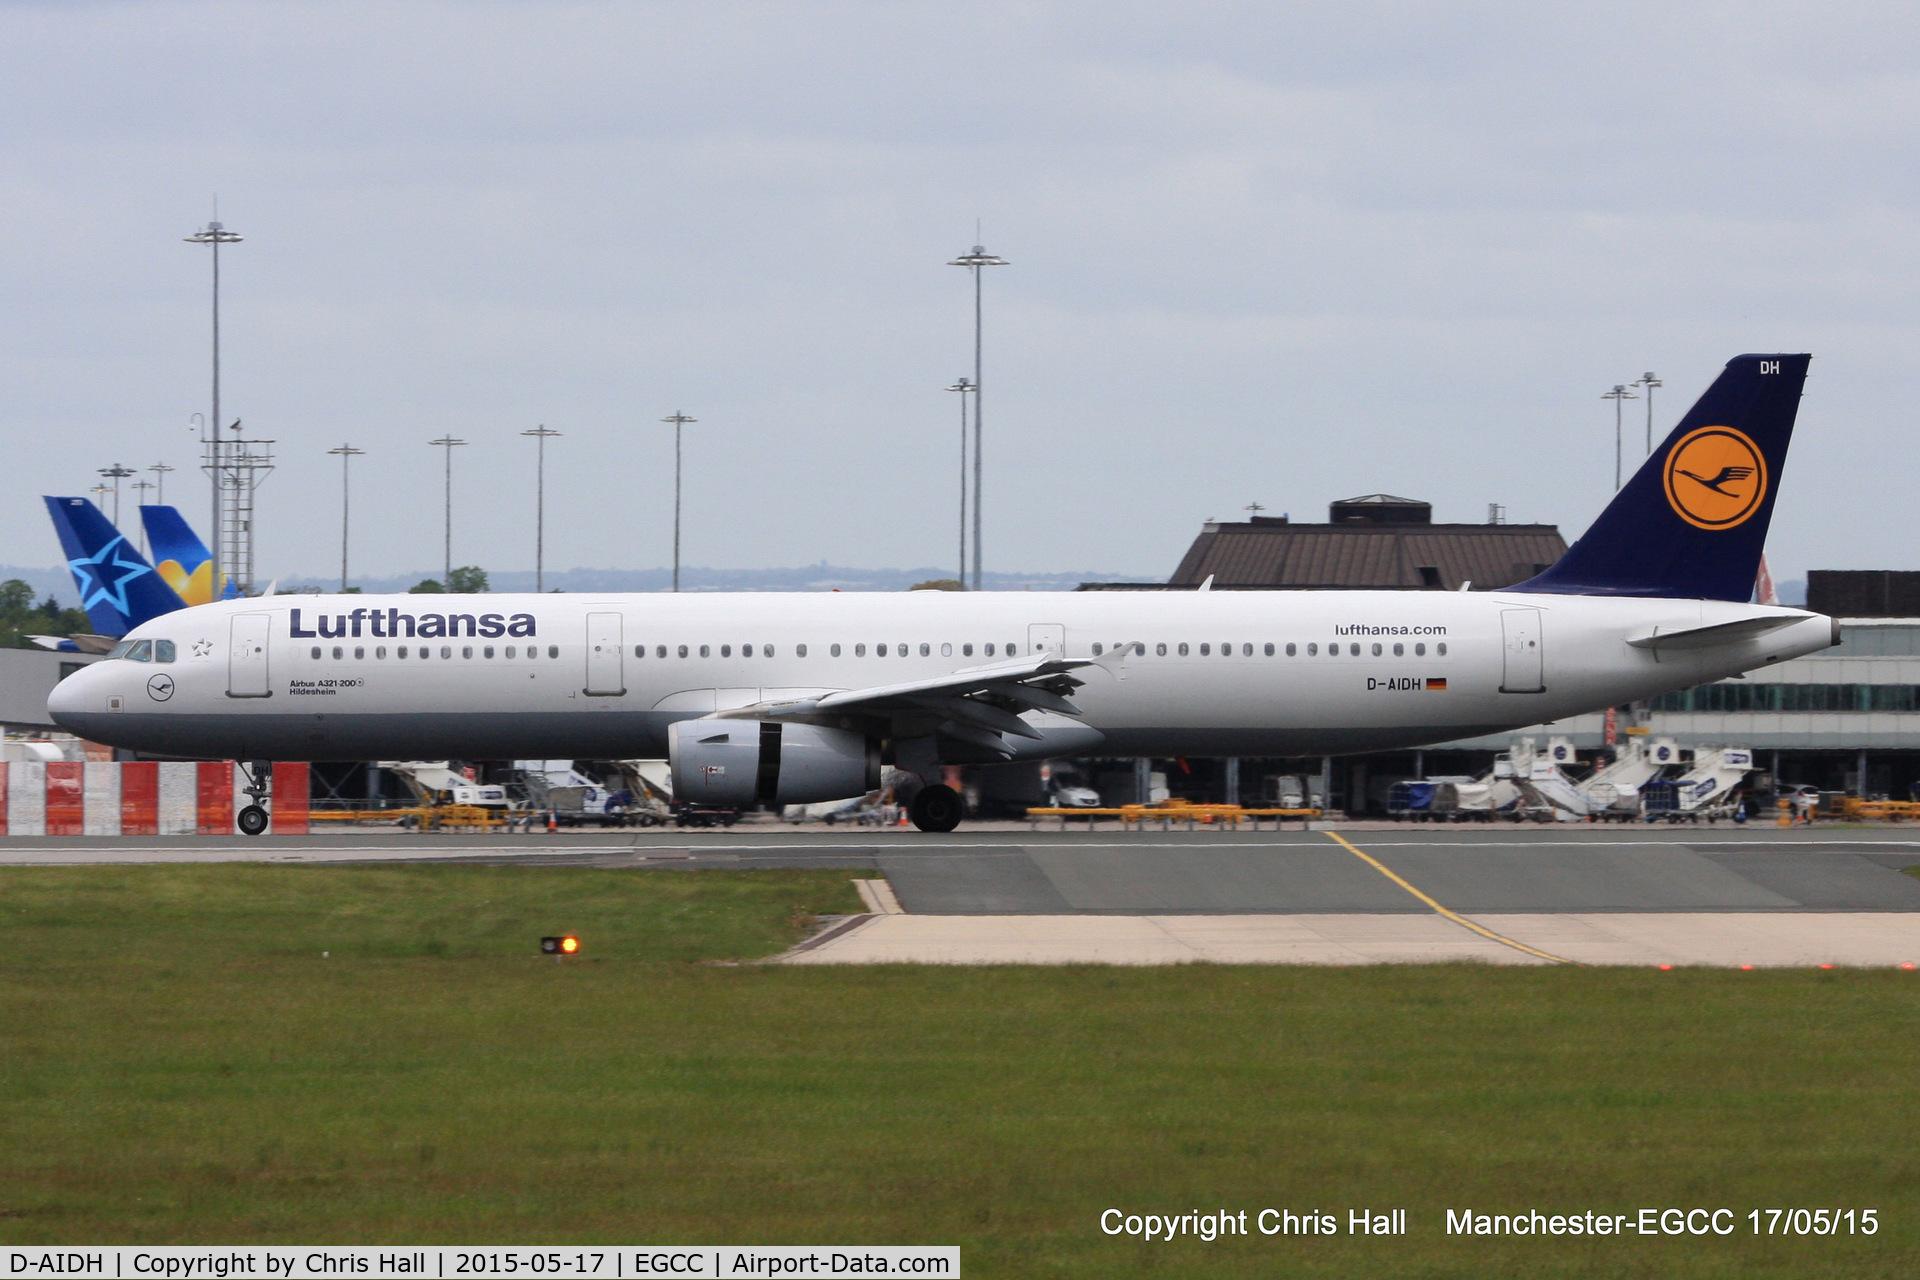 D-AIDH, 2011 Airbus A321-231 C/N 4710, Lufthansa